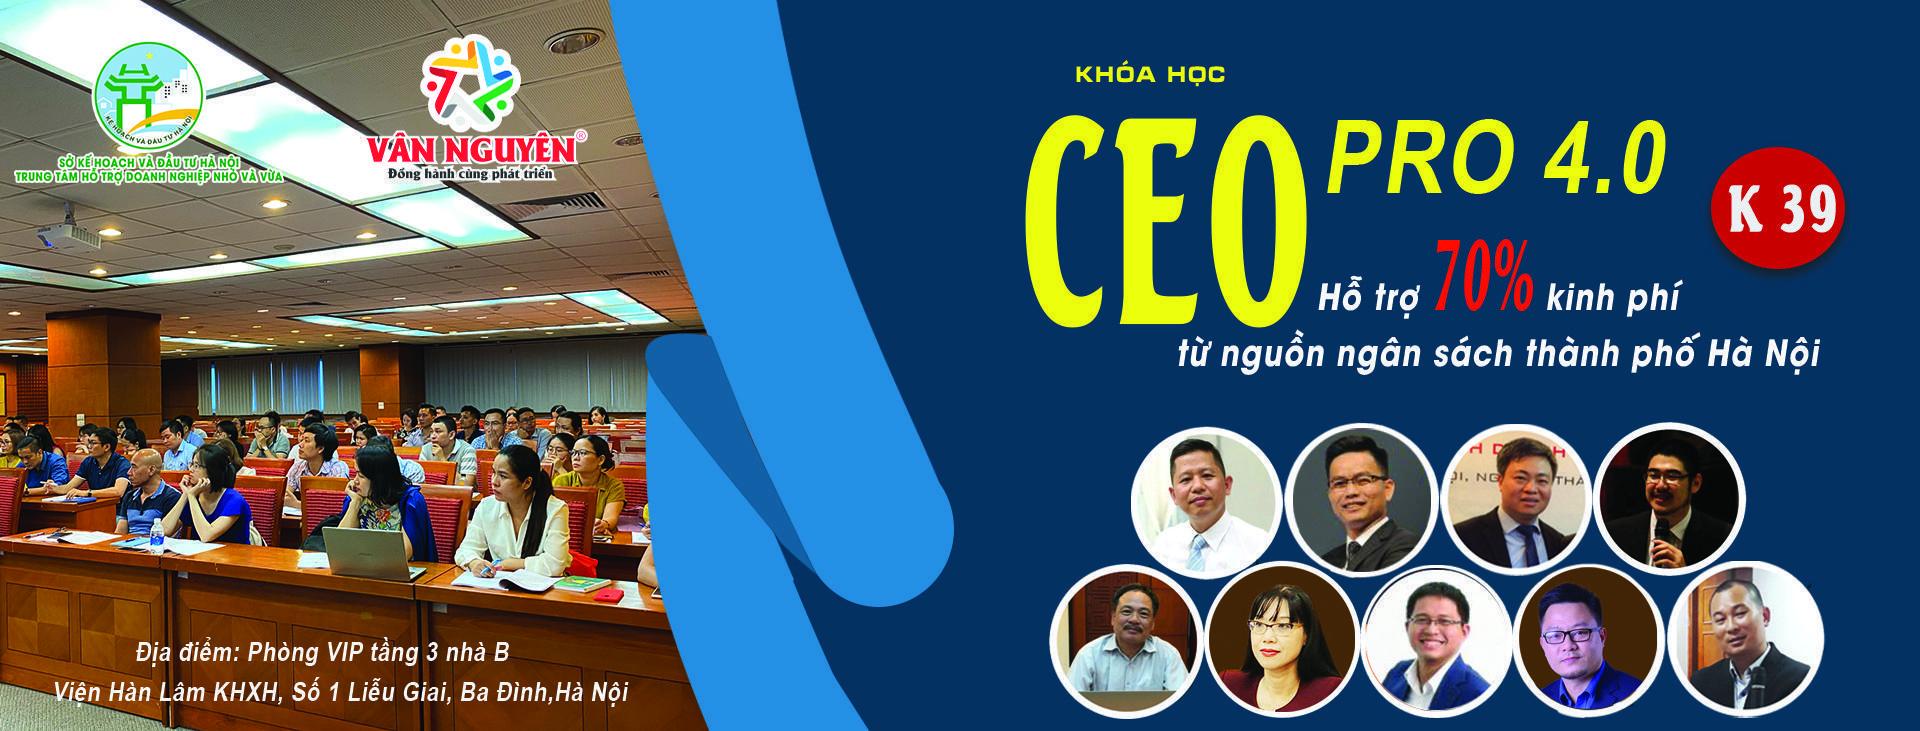 CEO PRO (K39) – Chiến lược tái cơ cấu của doanh nghiệp sau khủng hoảng